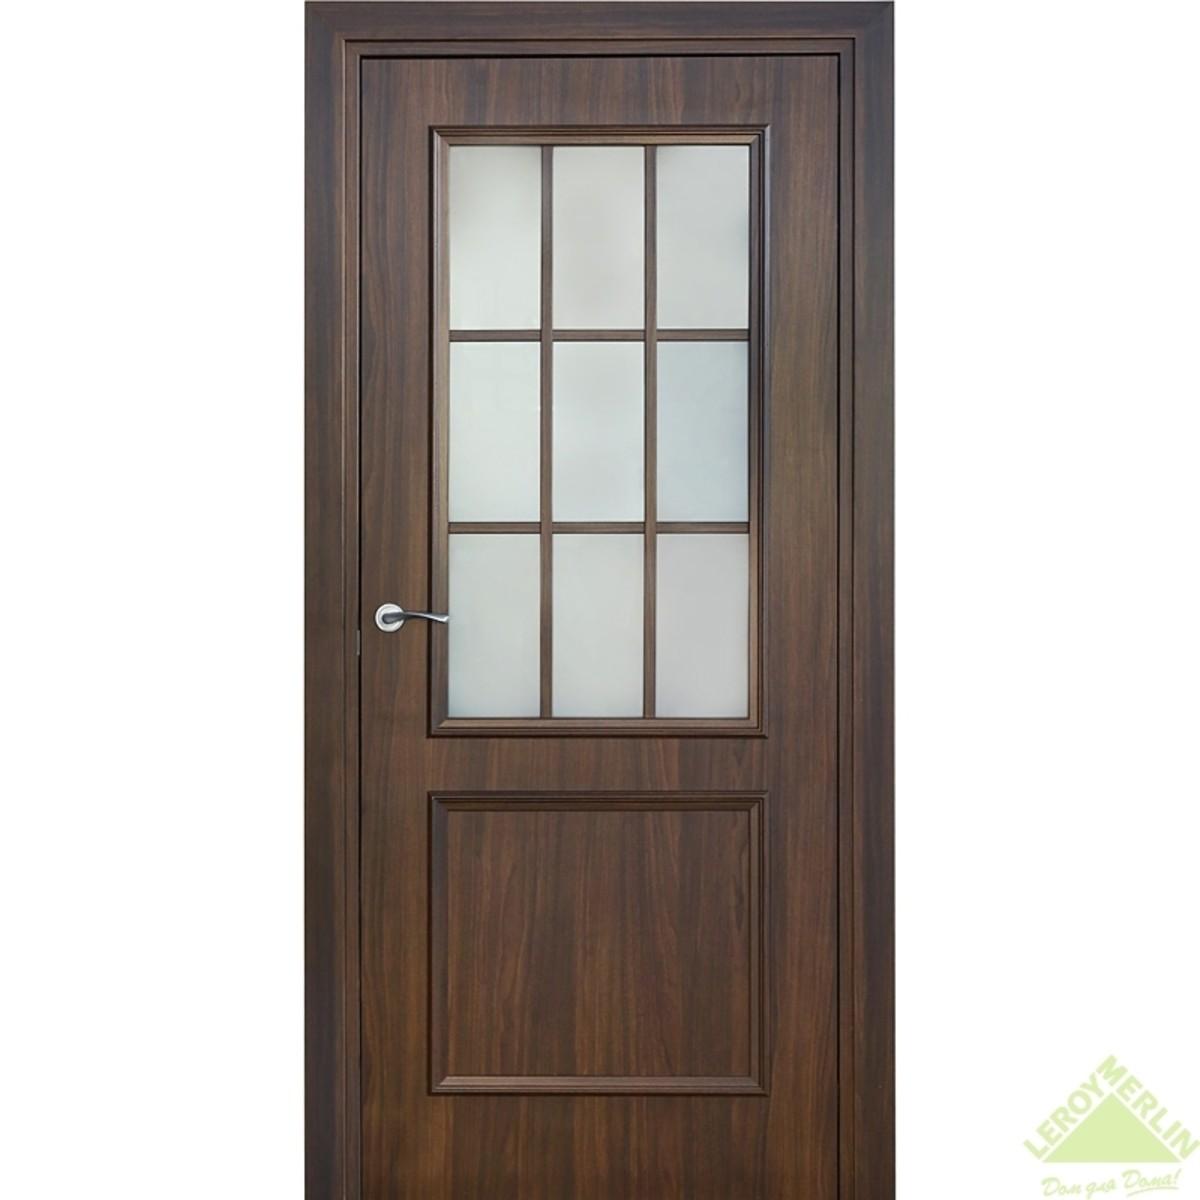 Дверь Межкомнатная Остеклённая Альтро 819 800x2000 Орех Марроне